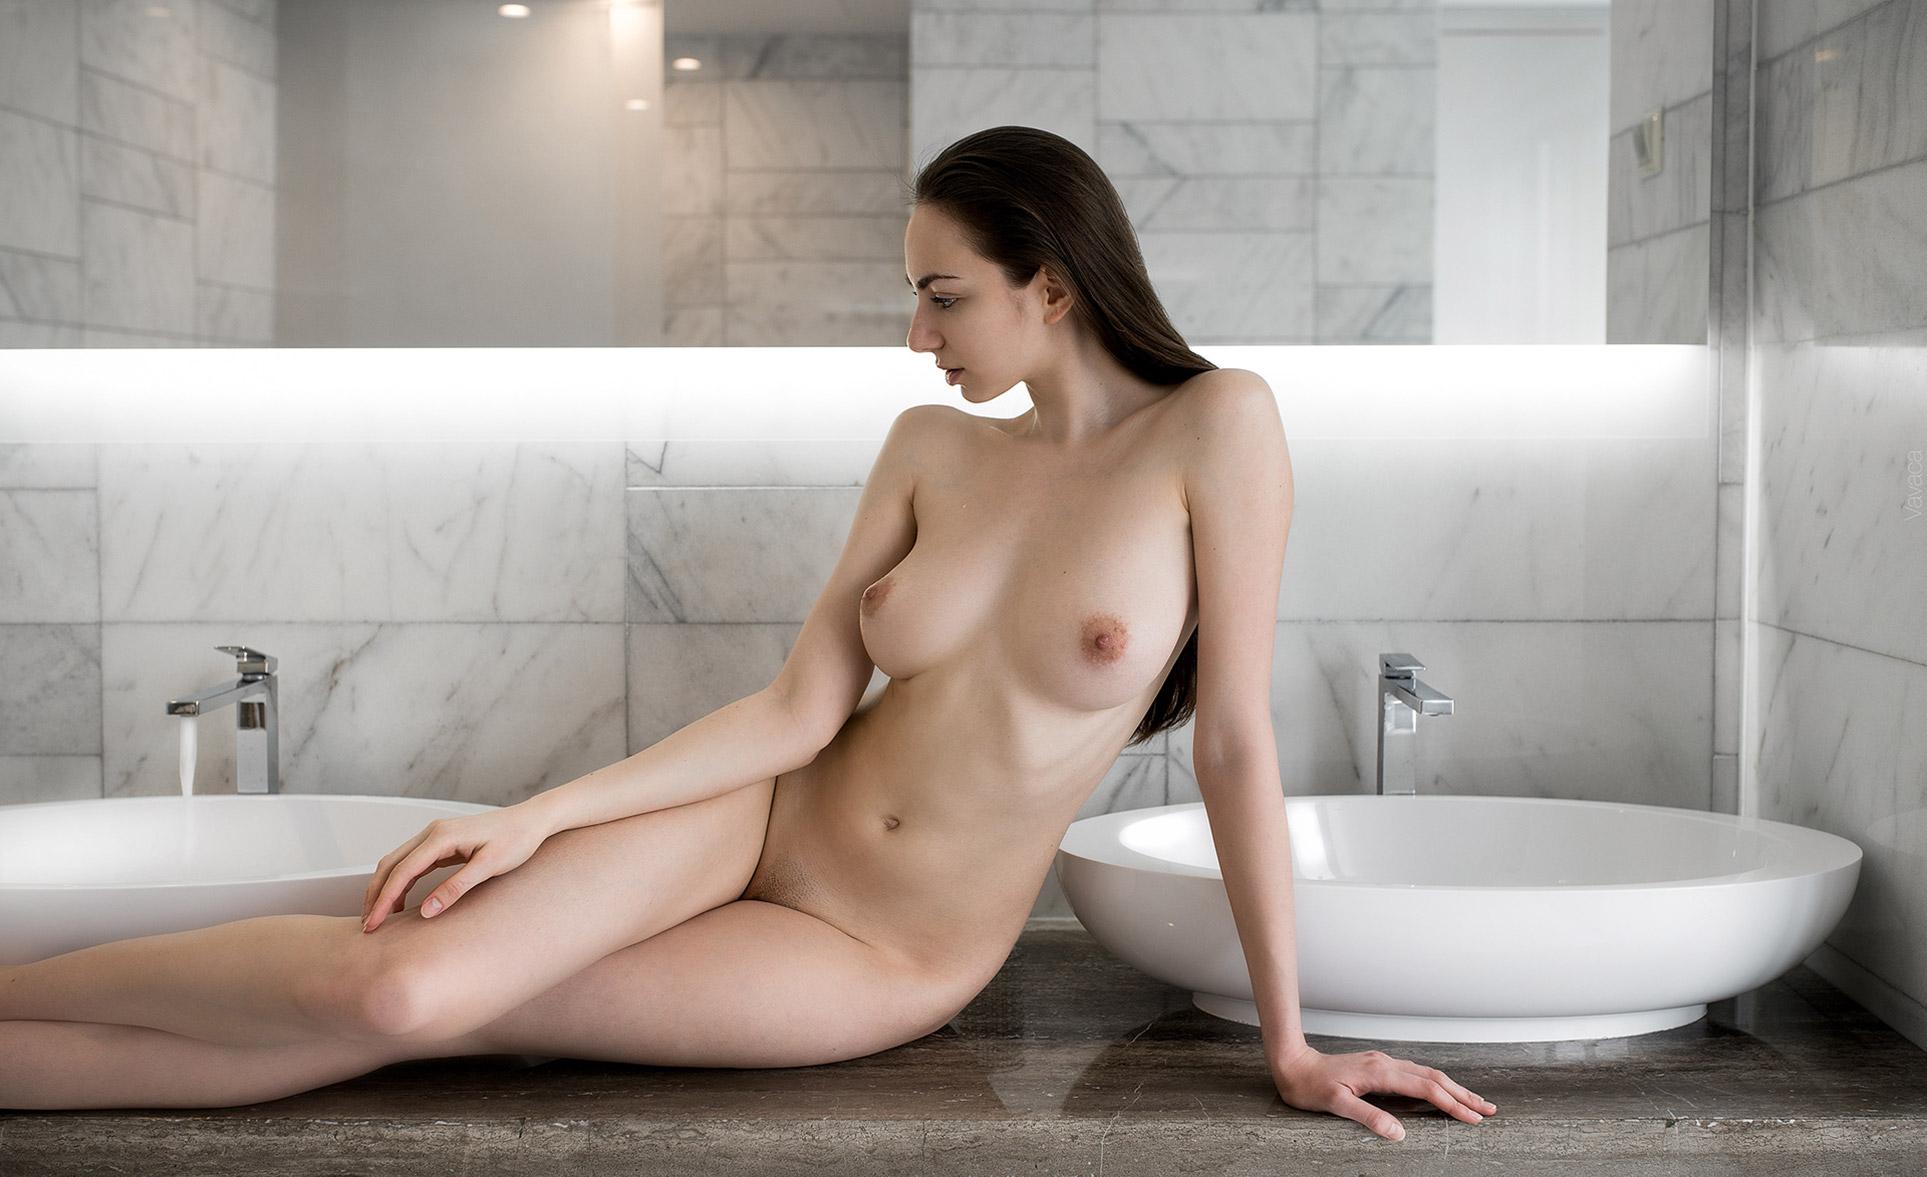 Katerina hartlova busty milf in her bathroom